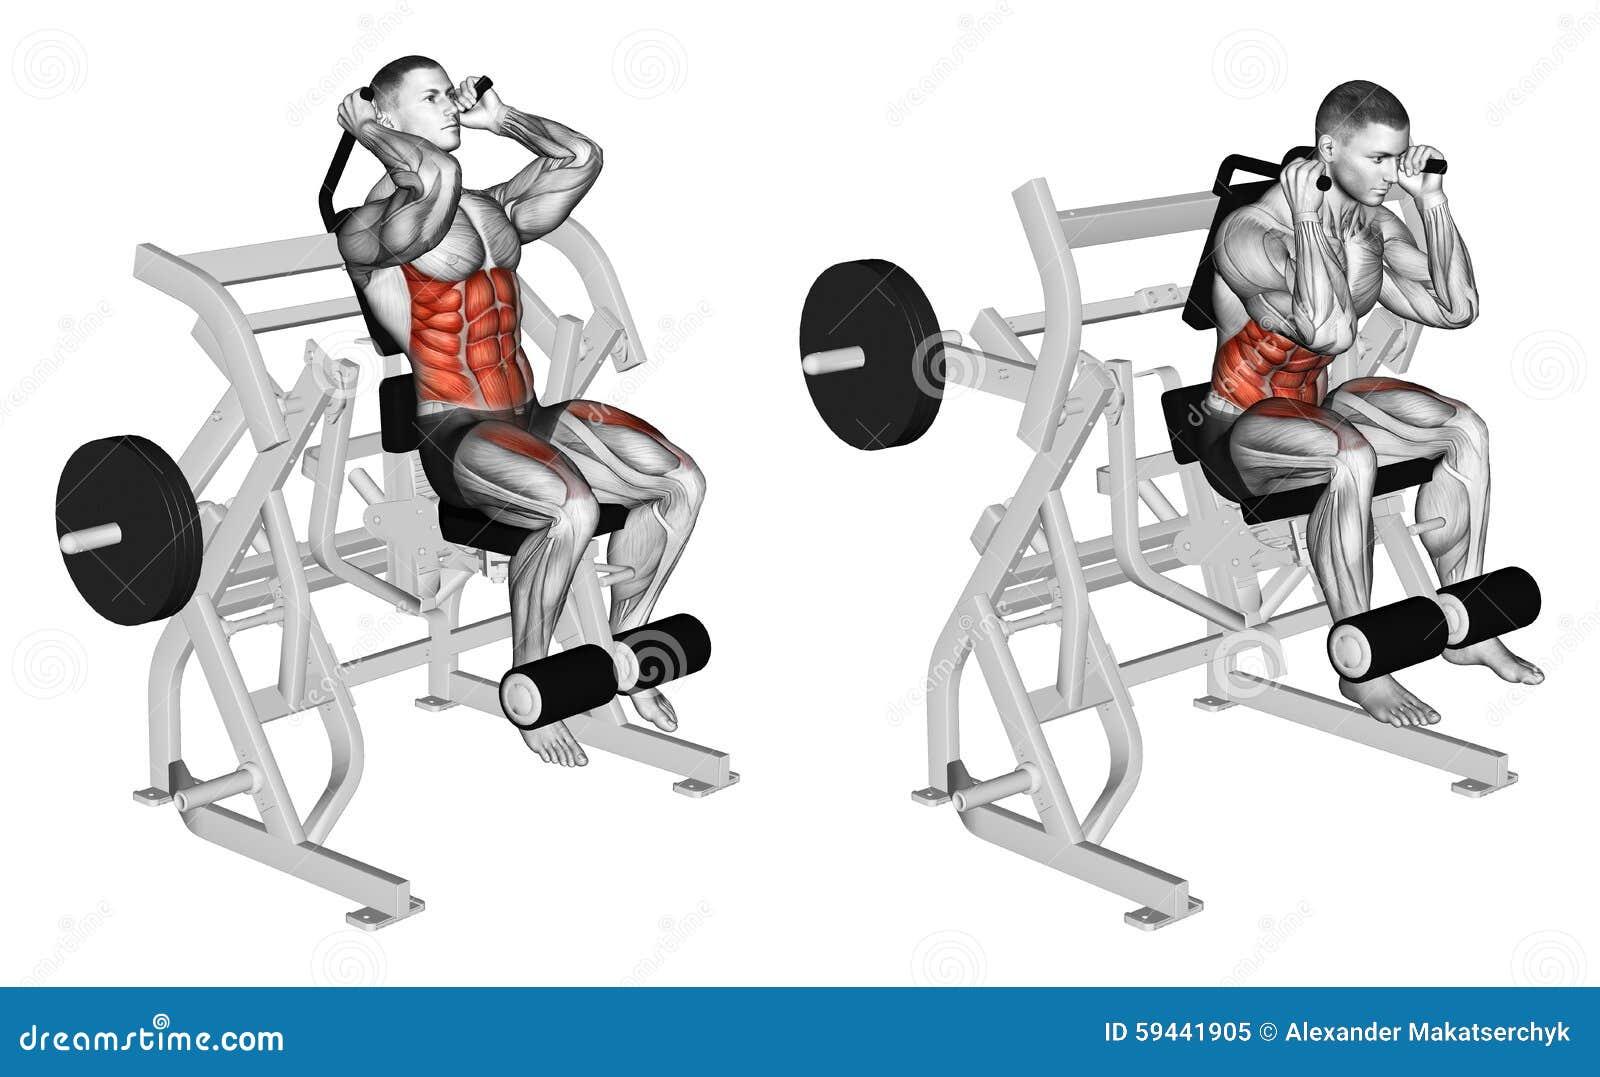 Exercising Cuerpo de doblez a los músculos abdominales y a las piernas